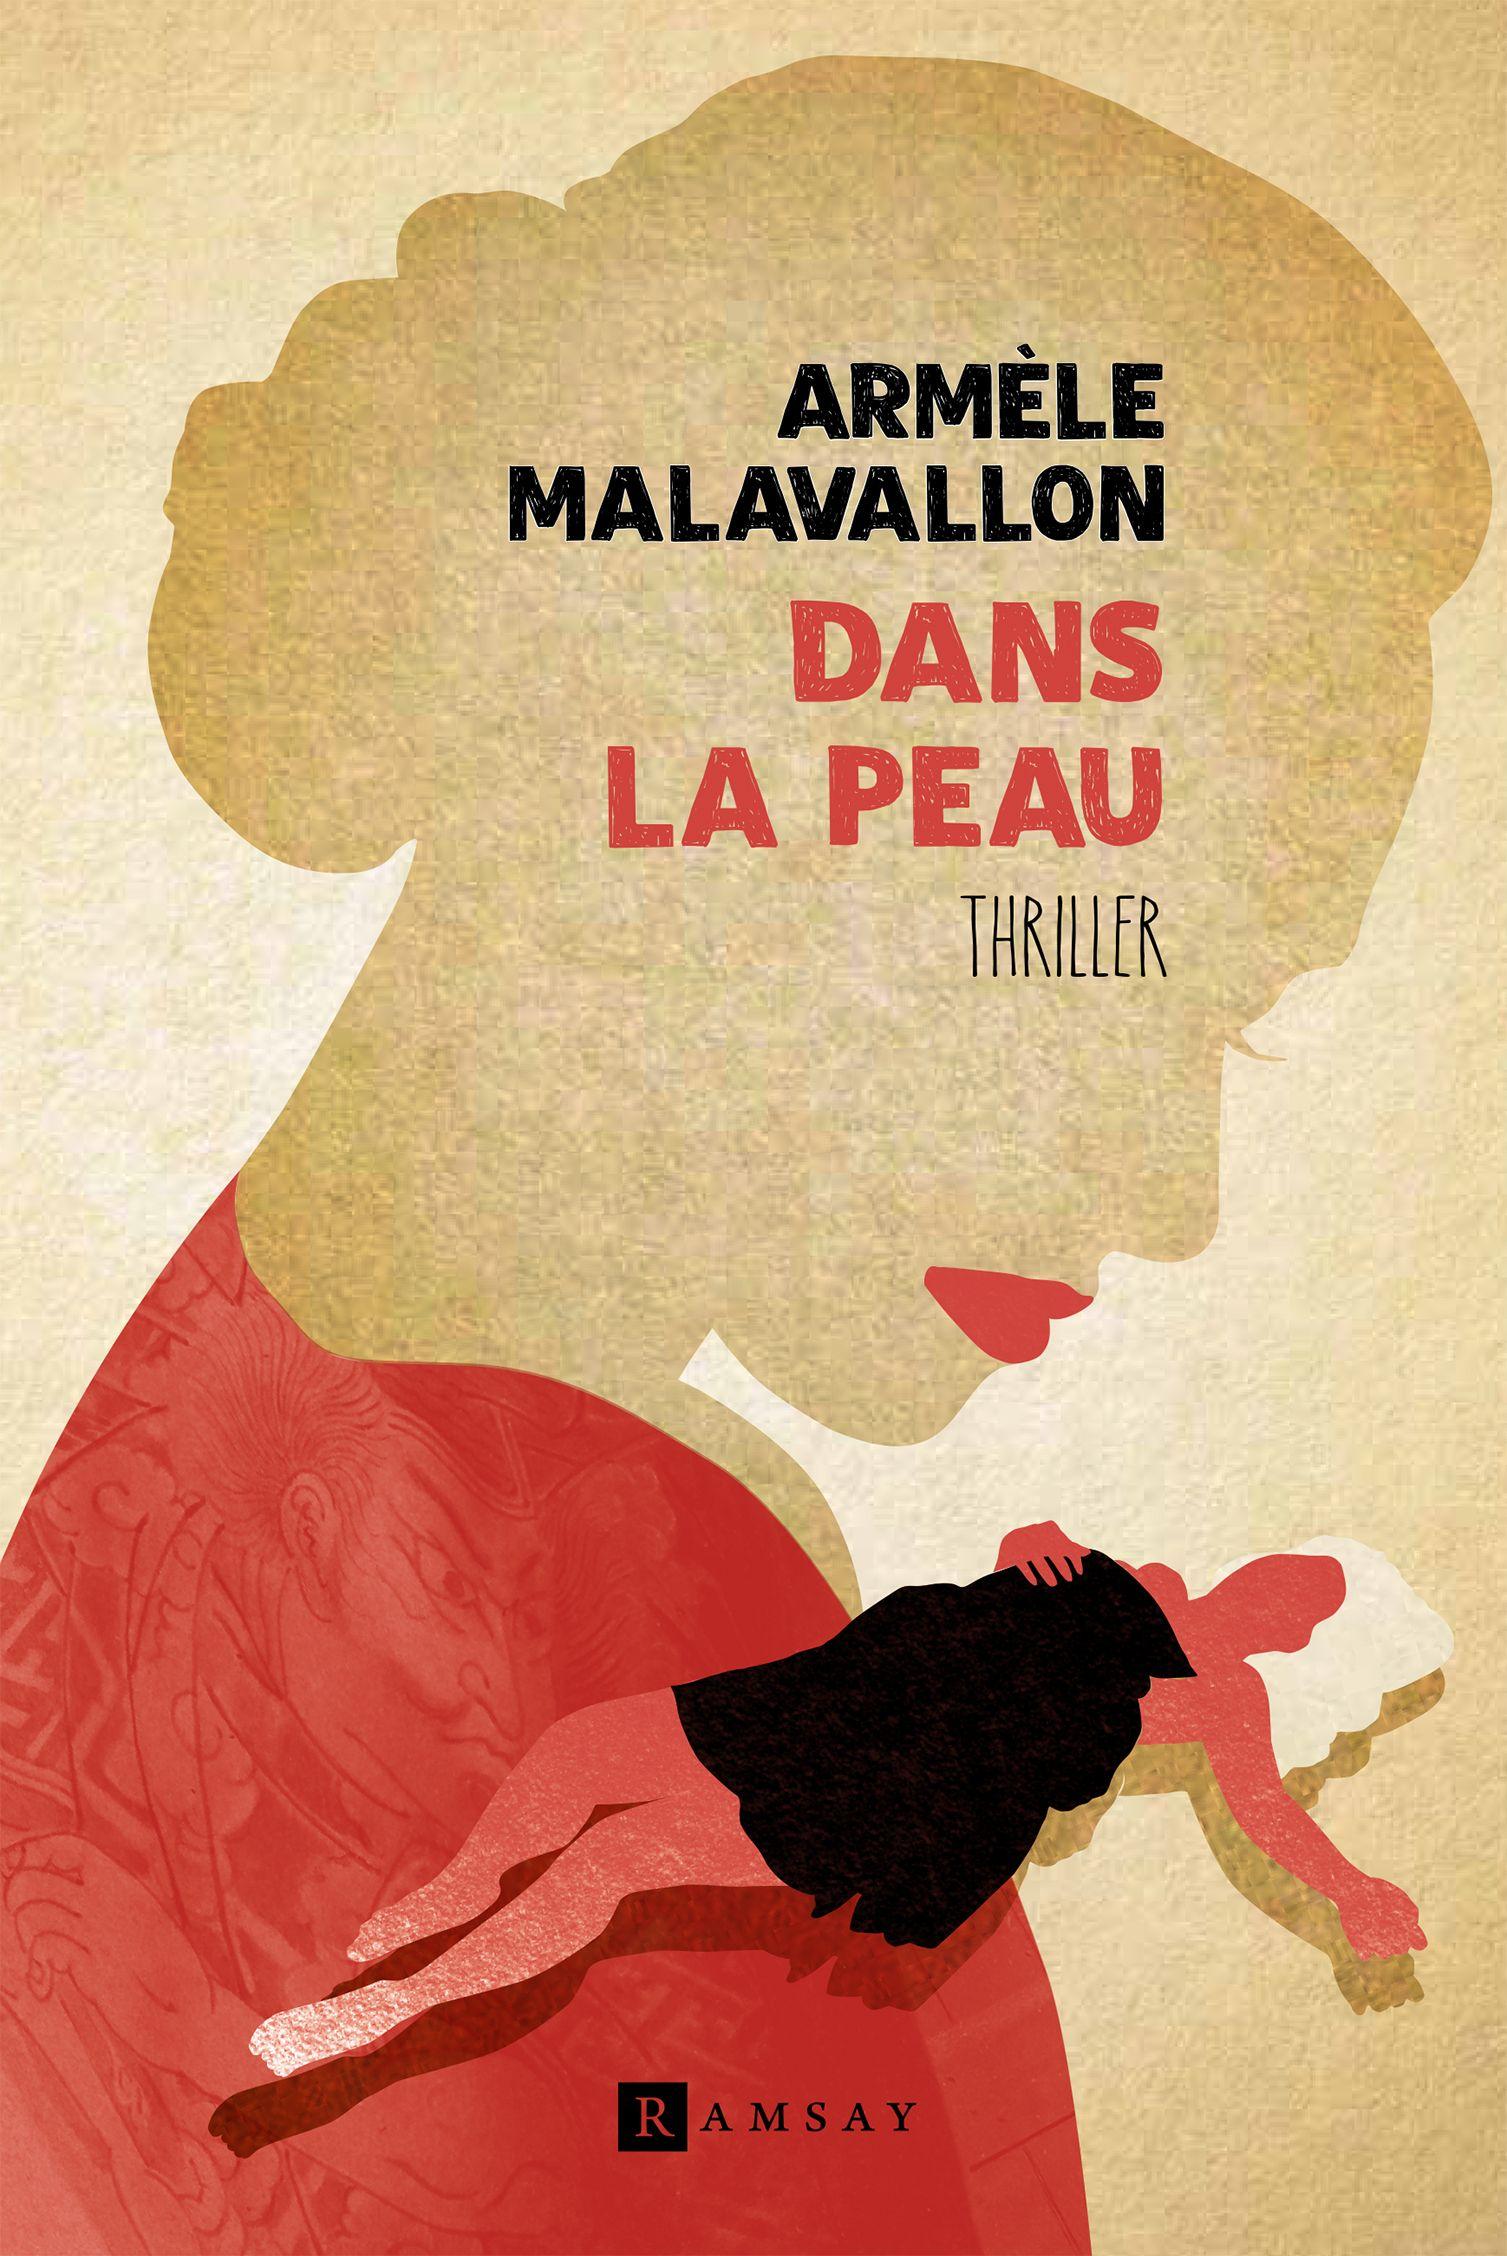 Epingle Par Occitanie Livre Lecture Sur Auteurs En 2019